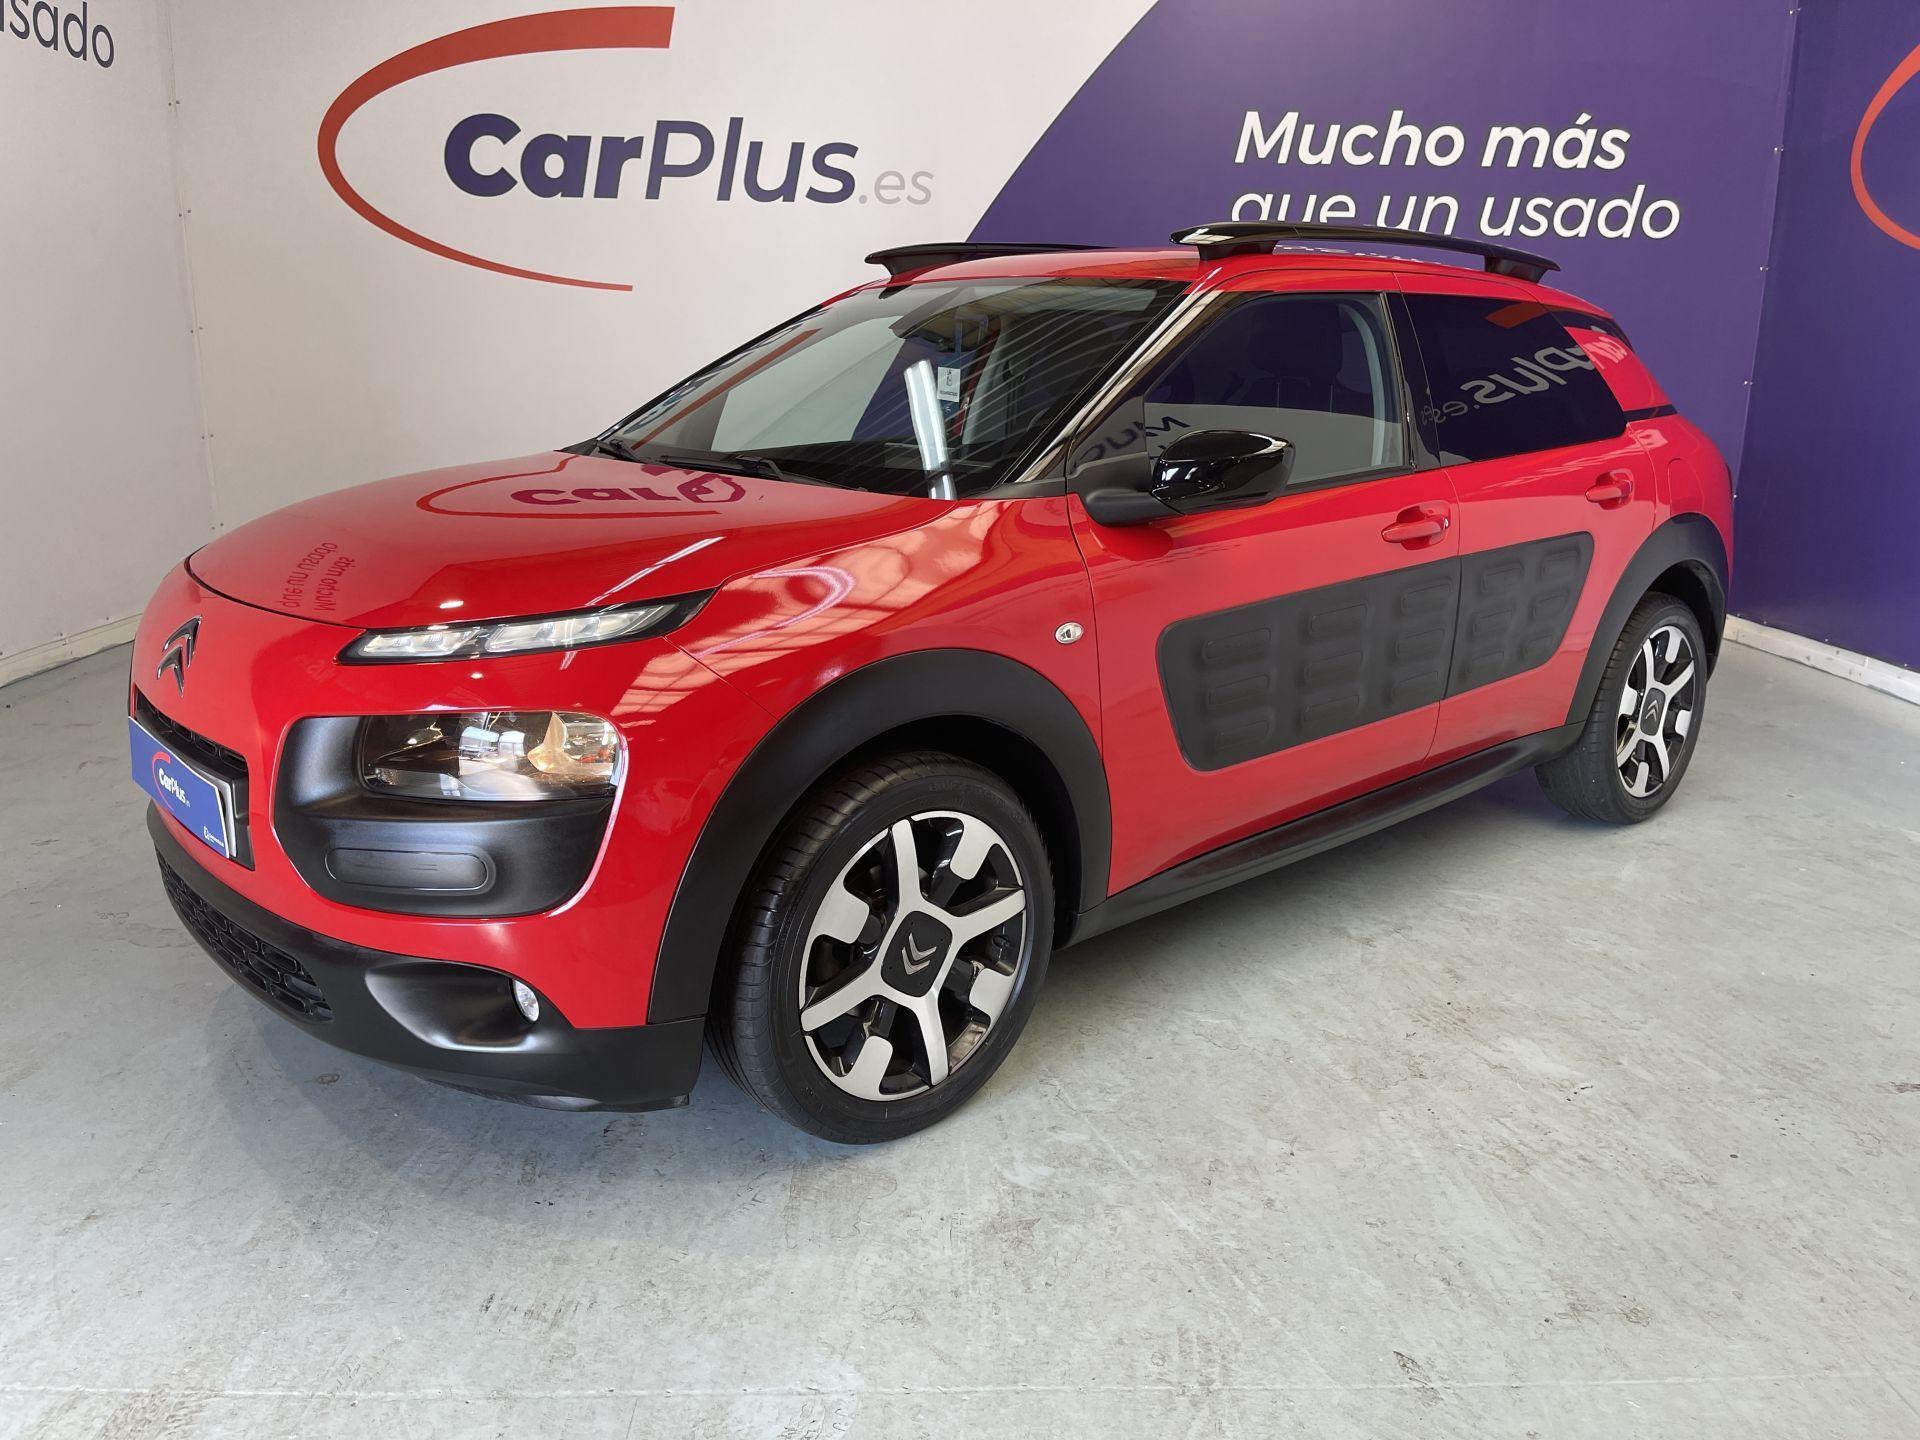 Citroën C4 Cactus ocasión segunda mano 2015 Gasolina por 9.990€ en Madrid